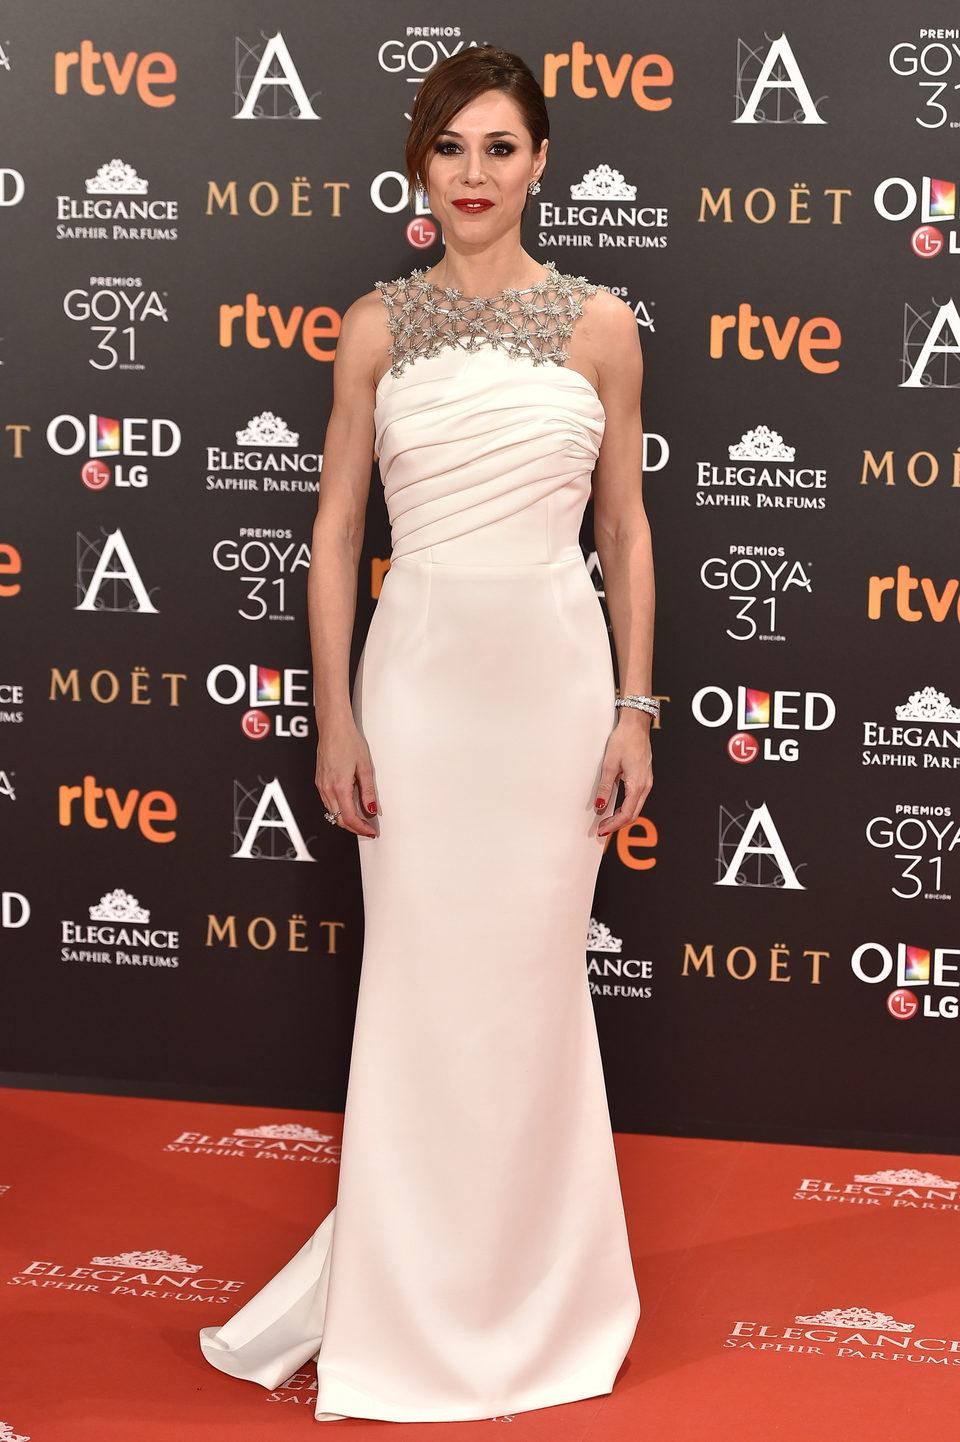 Ruth Díaz en la alfombra roja de los Premios Goya 2017